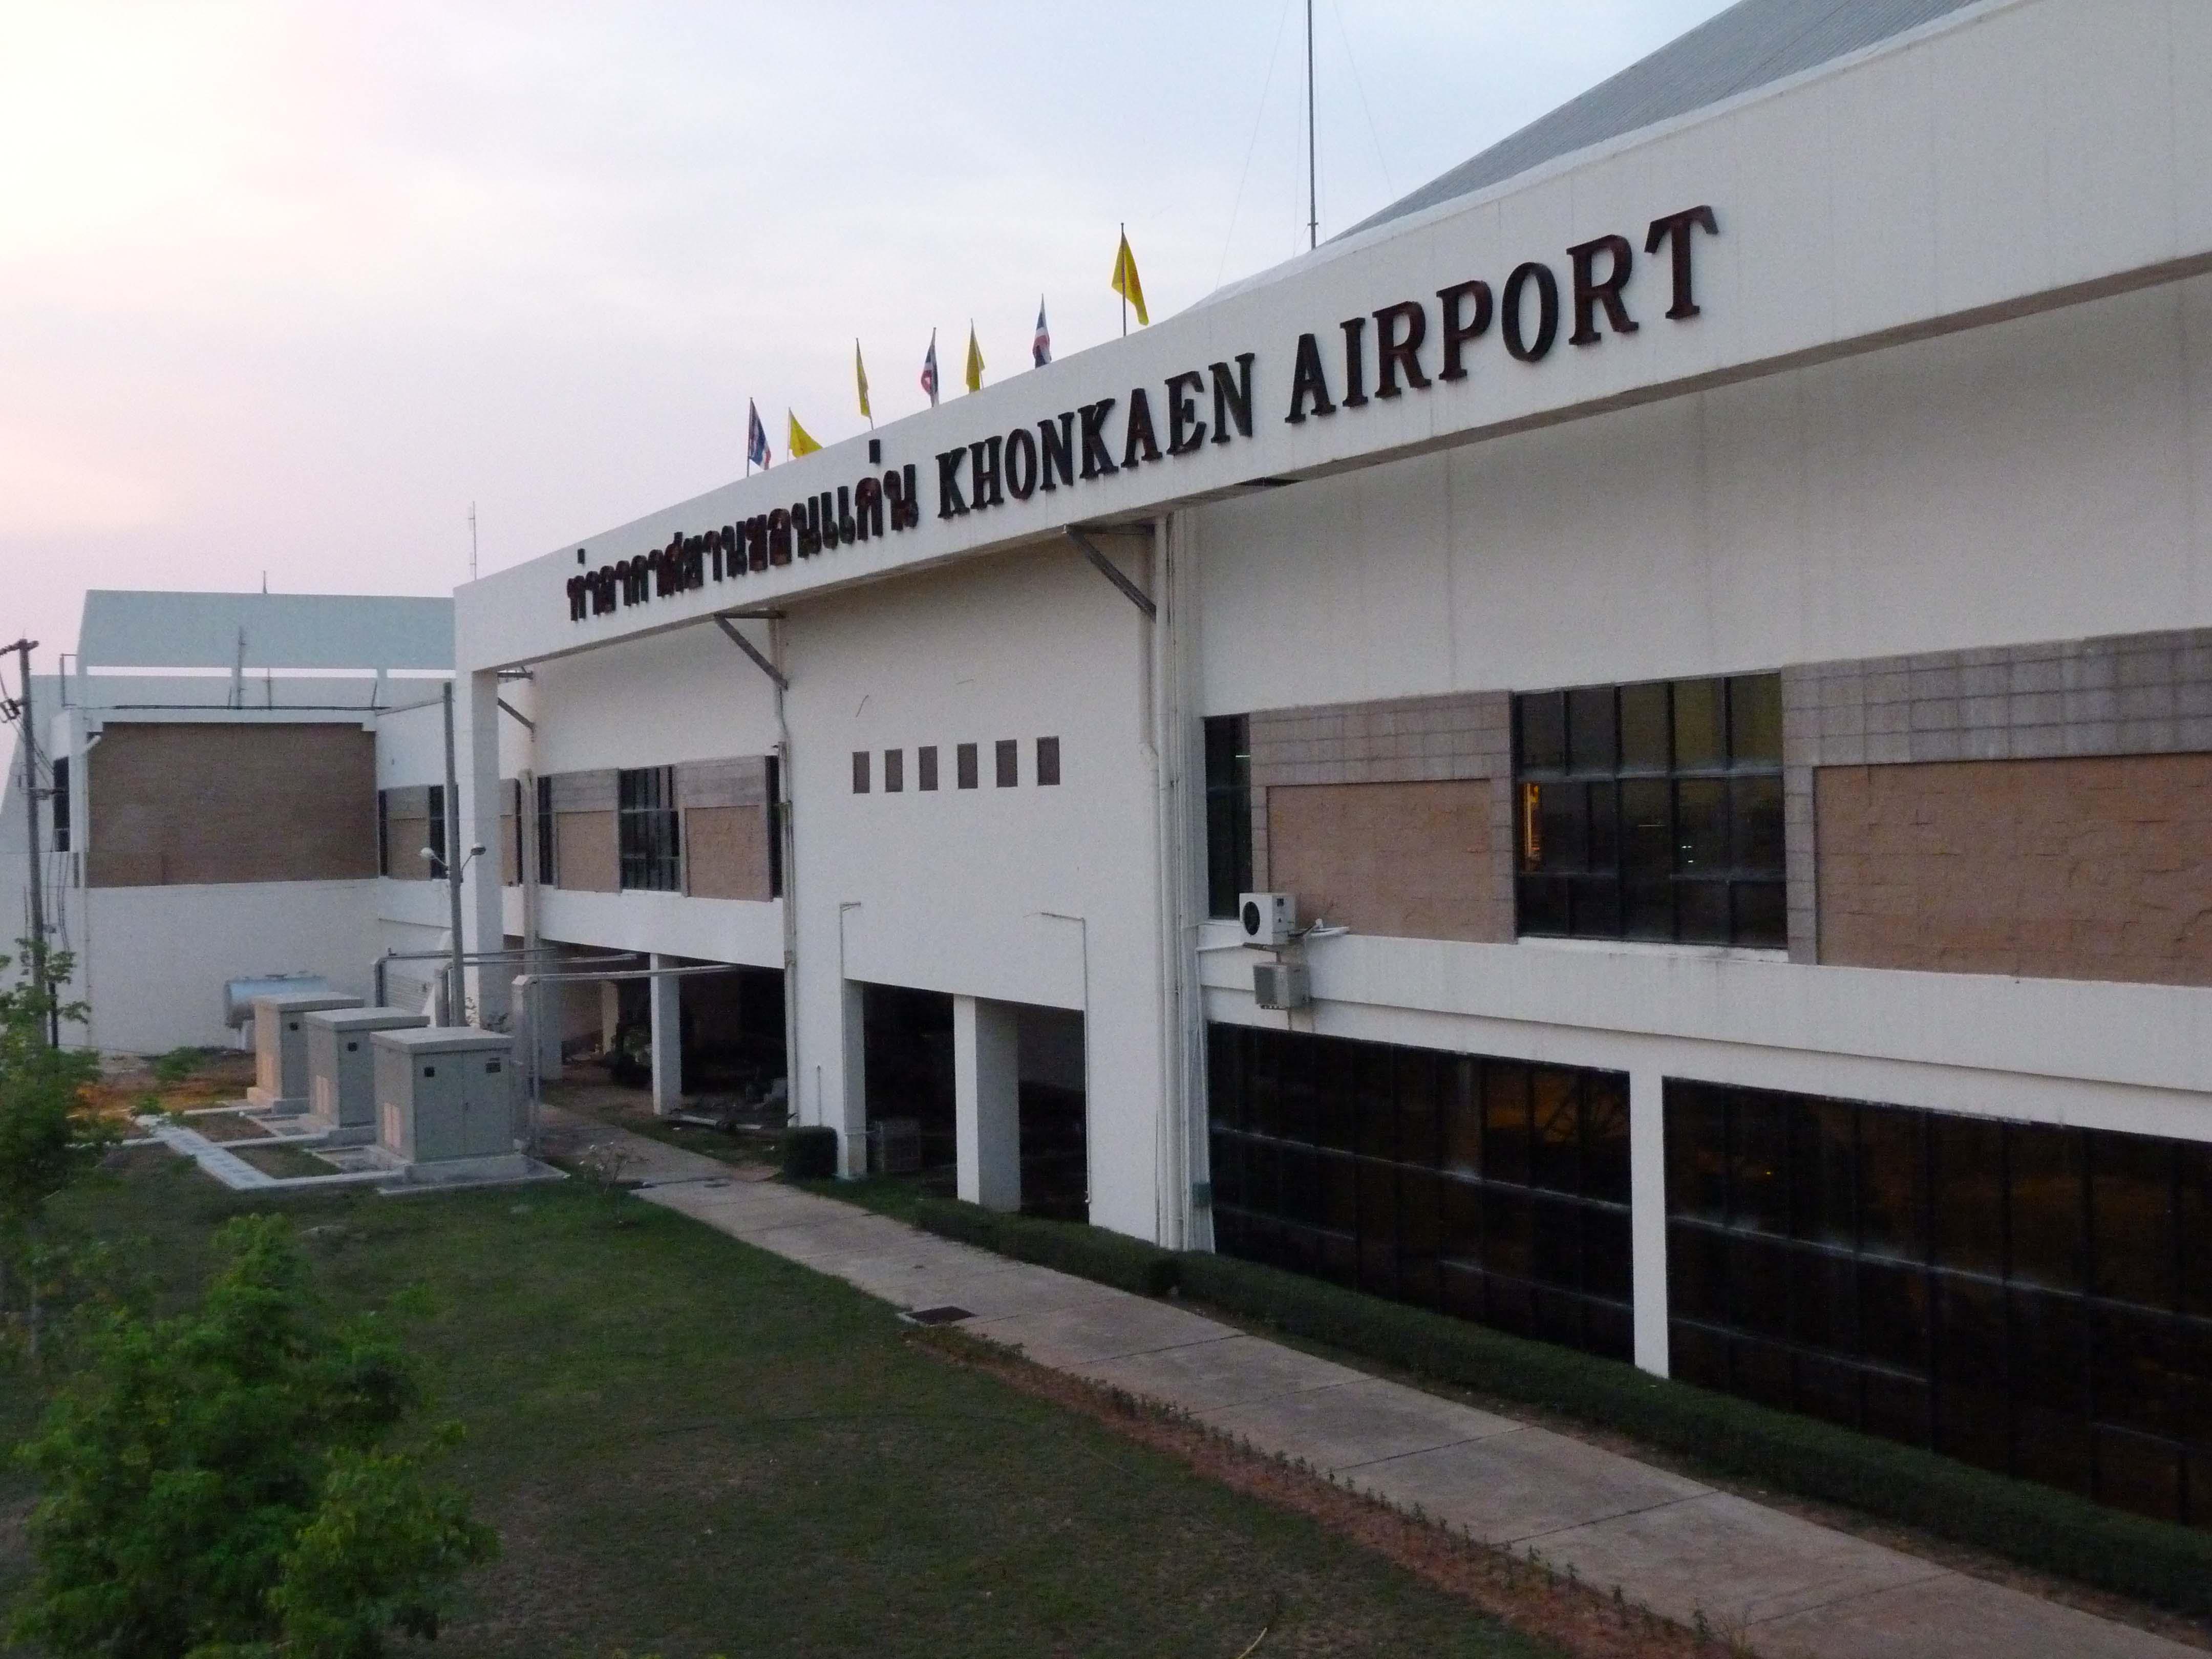 Sân bay Khon Kaen